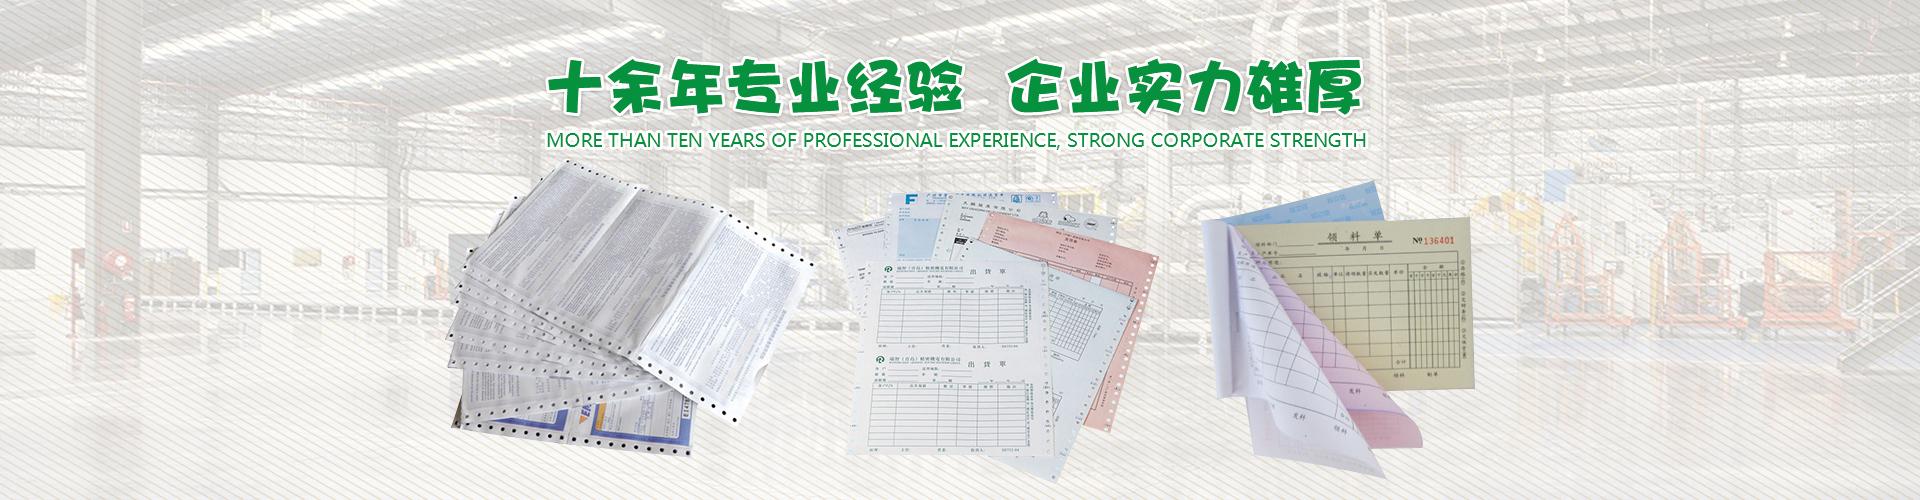 新乡市腾飞纸业有限公司